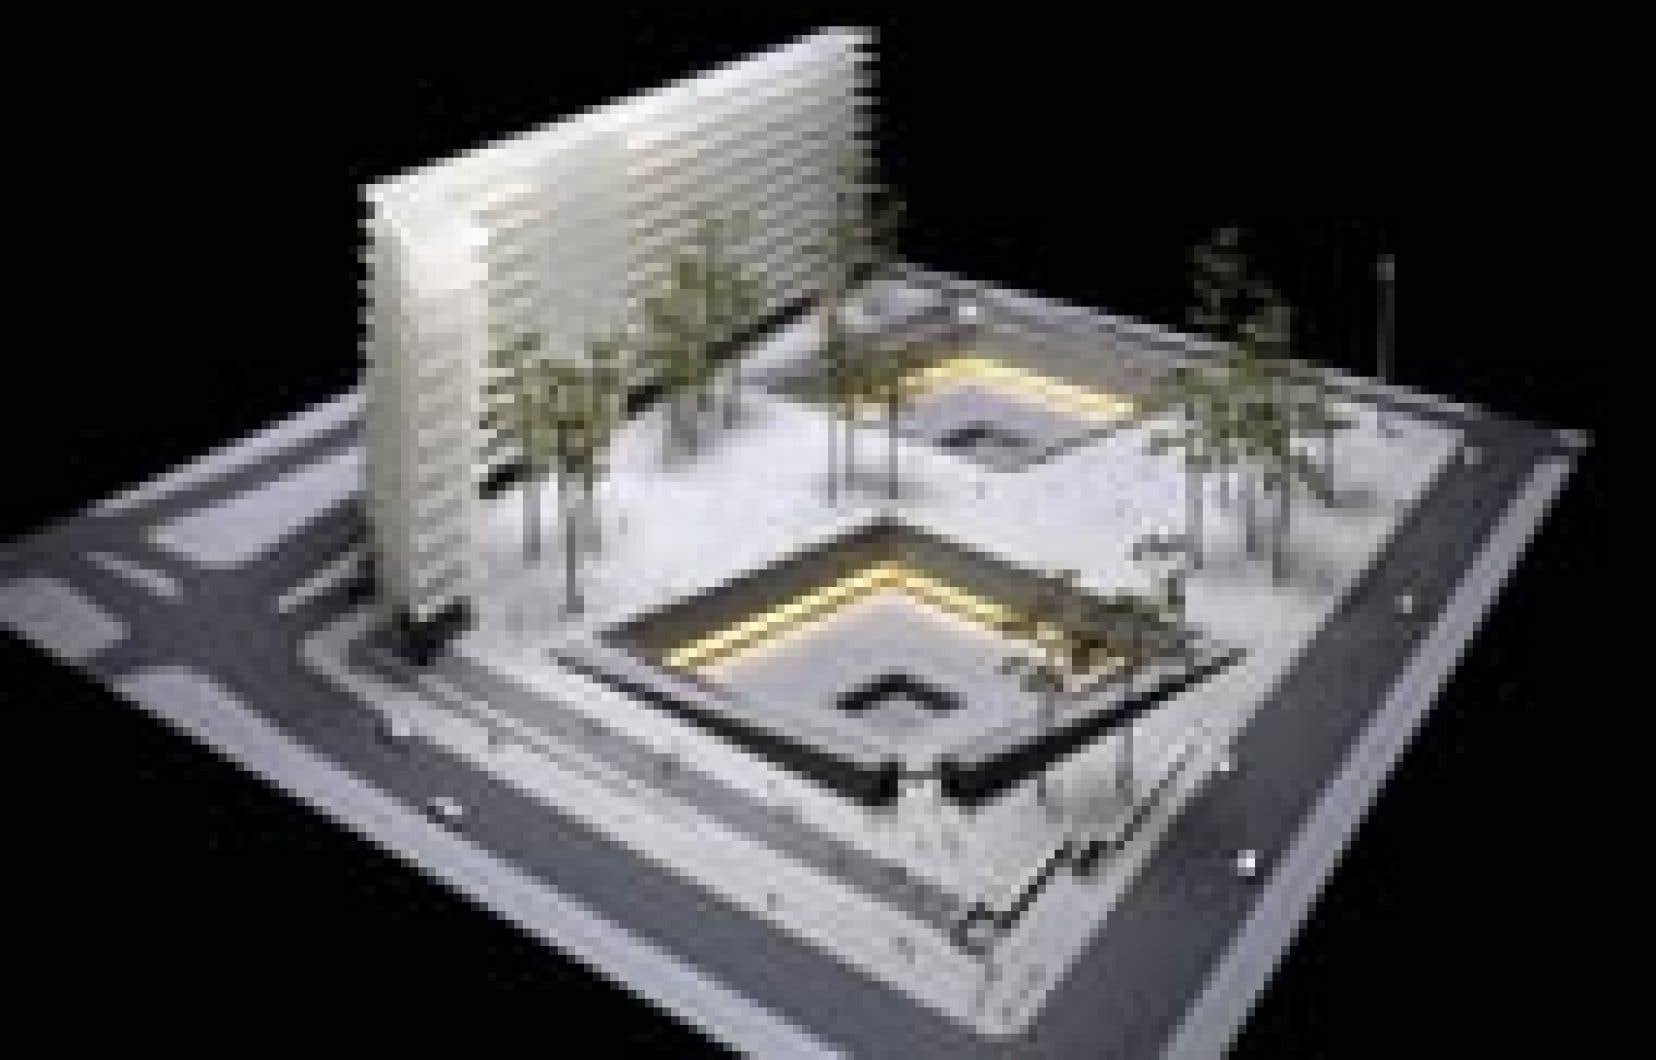 «Reflecting Absence», un projet comportant deux bassins, a été choisi hier comme monument aux morts du World Trade Center, après un concours international de huit mois auquel ont été soumises plus de 5000 propositions.